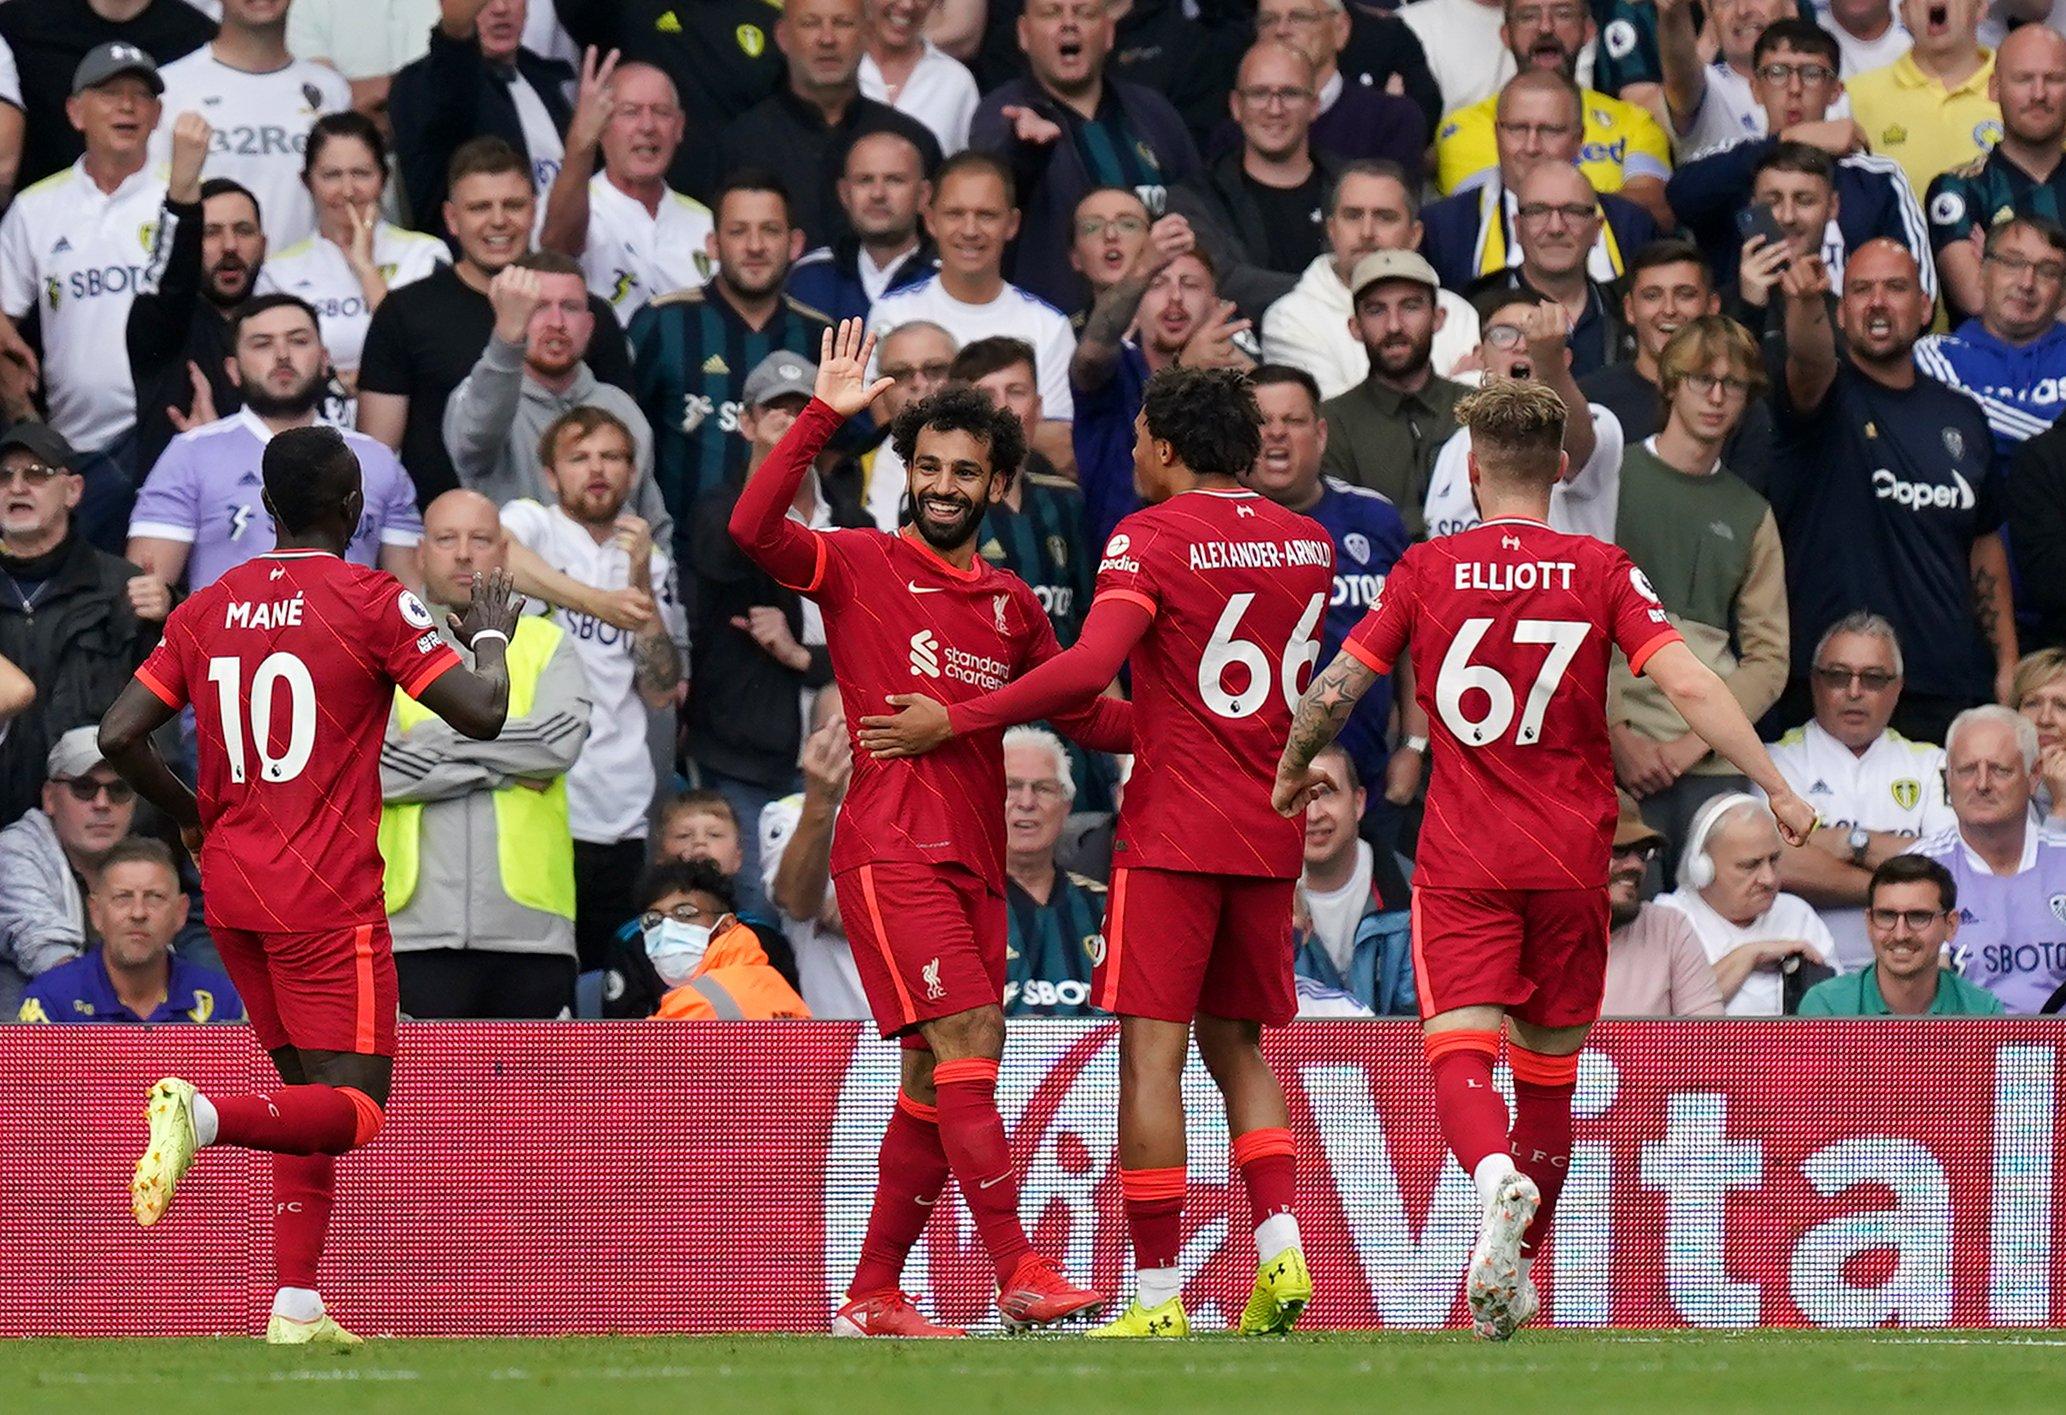 Liverpool celebrates Salah's goal